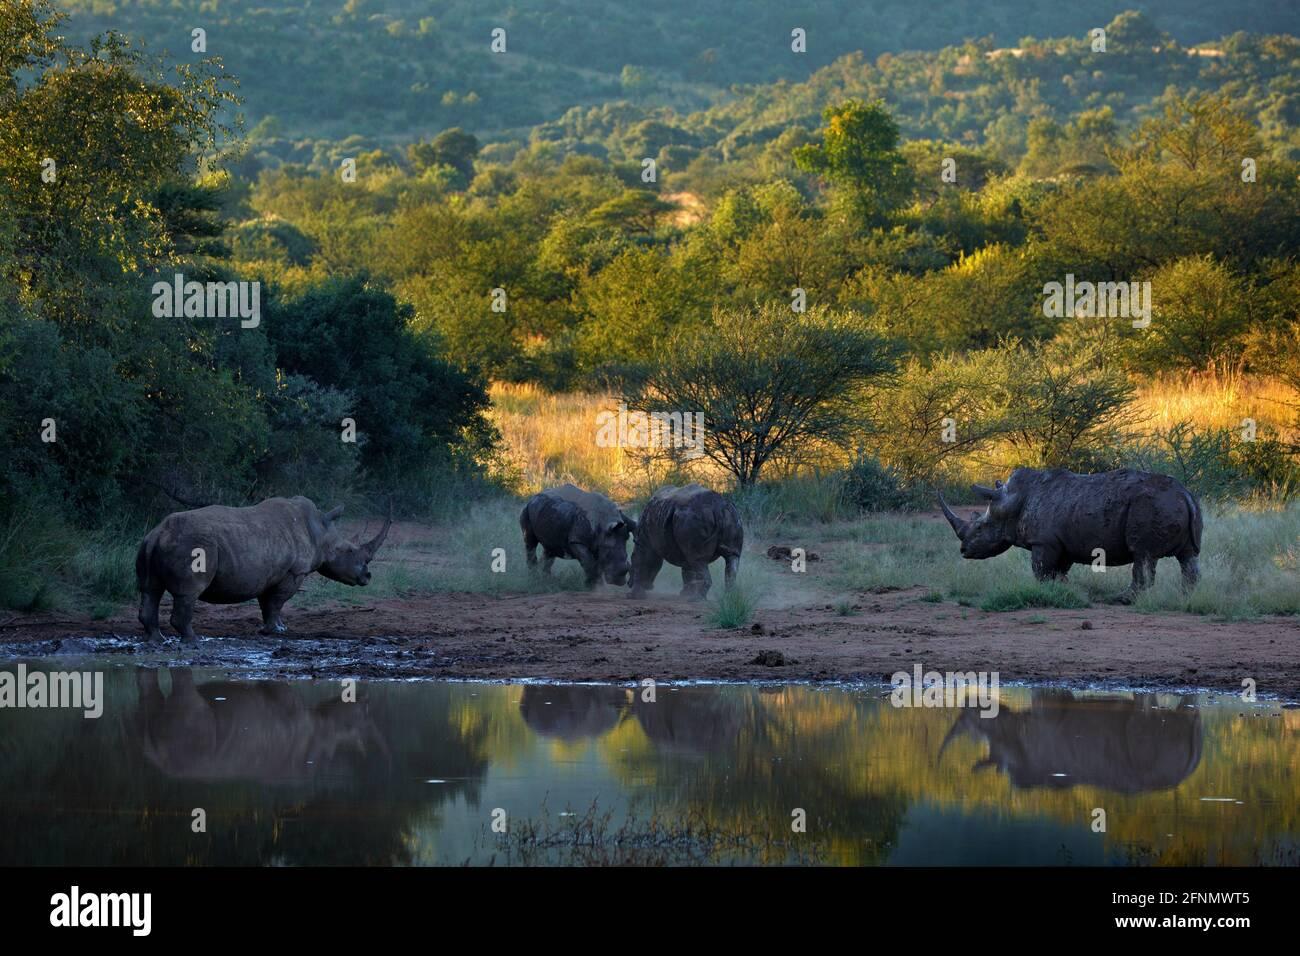 Rhinocéros dans le NP de Pilanesberg, Afrique du Sud. Rhinocéros blancs, Ceratotherium simum, grand animal de la nature africaine, près de l'eau. Scène de la faune fr Banque D'Images